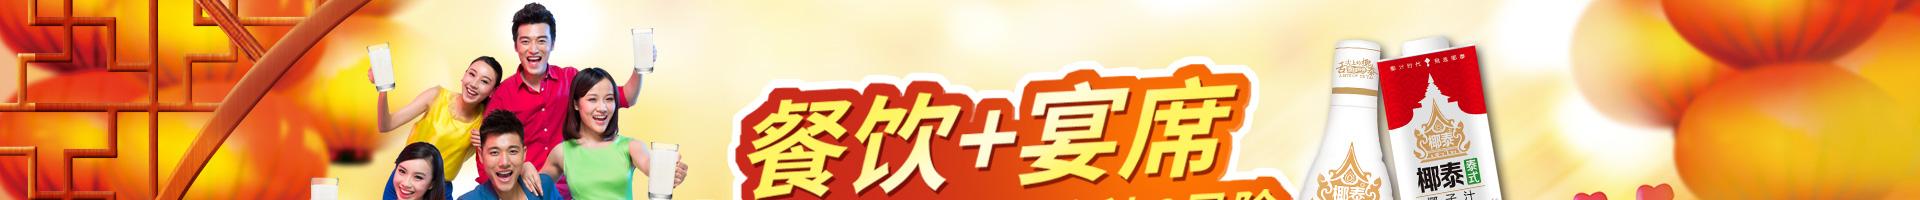 广东椰泰生物科技有限公司